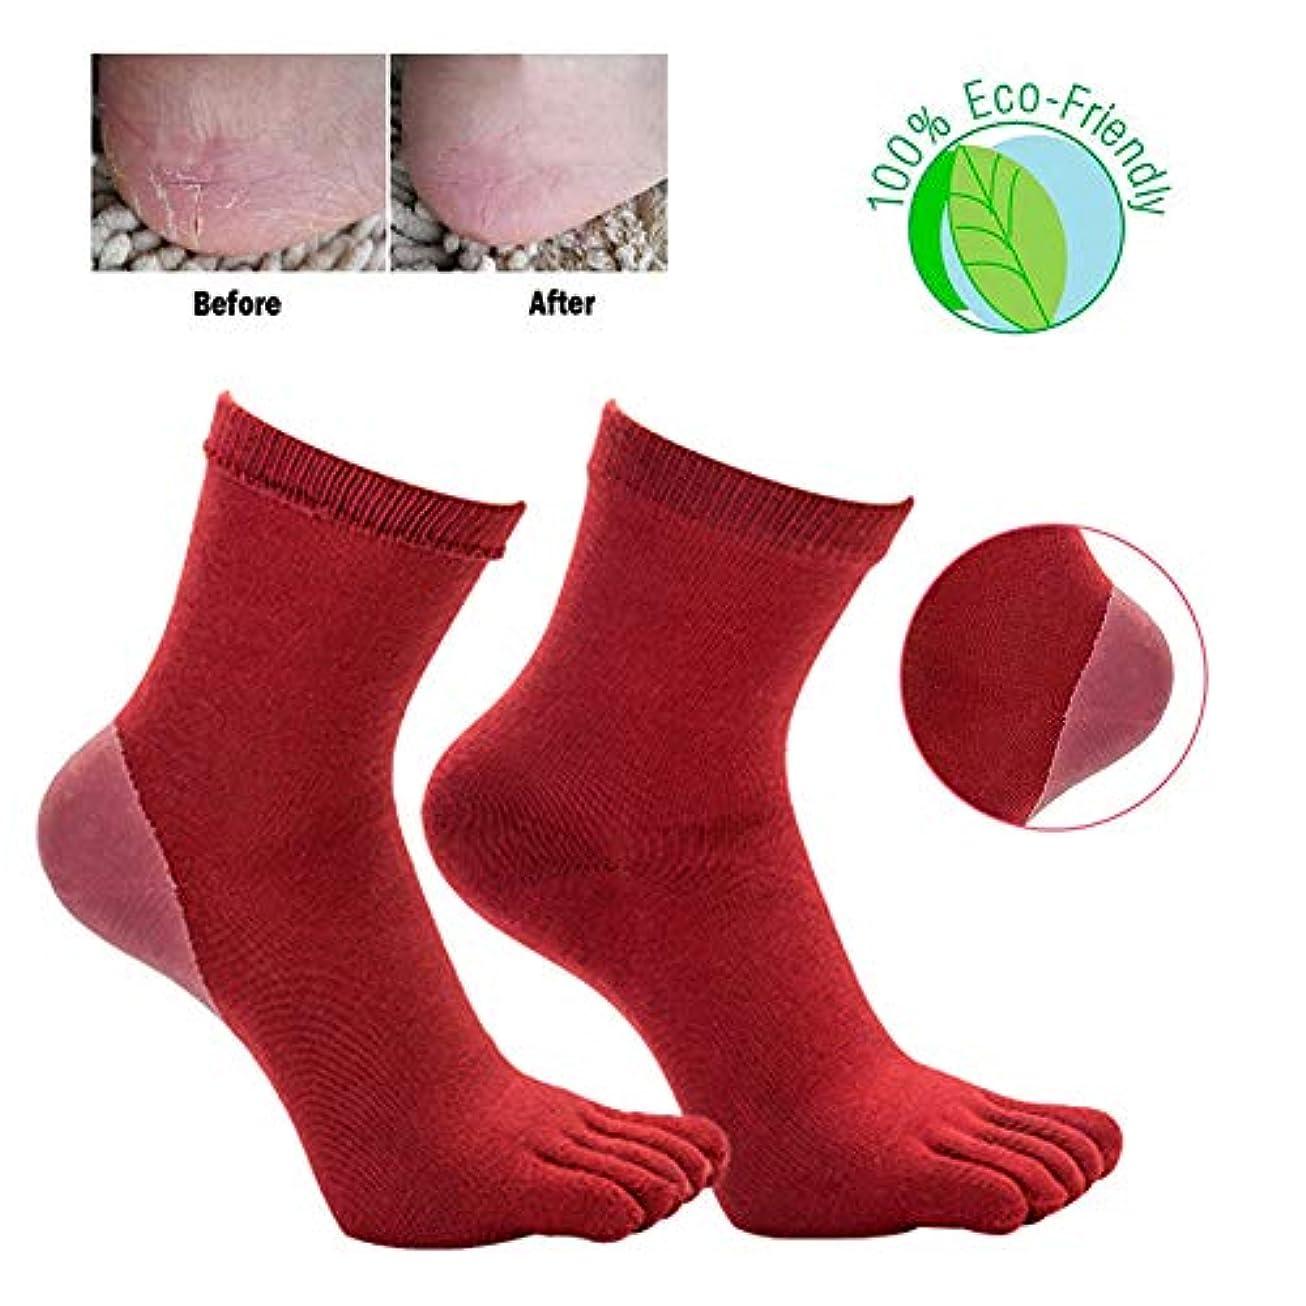 実験室休日に変更ひび割れ防止靴下秋と冬のアンチ足ひび割れ靴下アンチ足かかと割れひび割れエッセンシャルオイルジェルフットケア保湿女性靴下